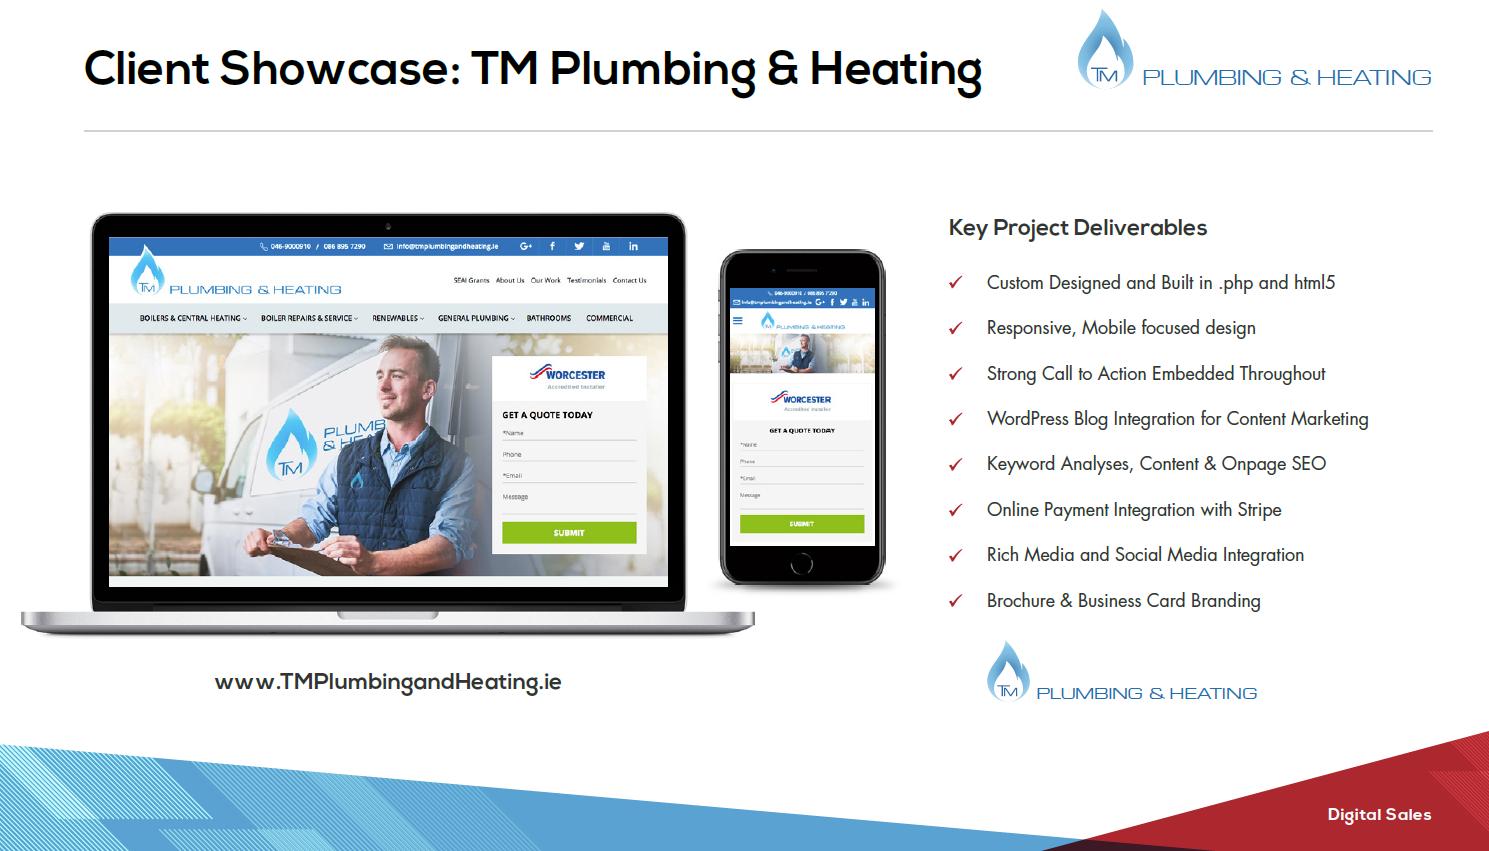 www.TMPlumbing&Heating.ie